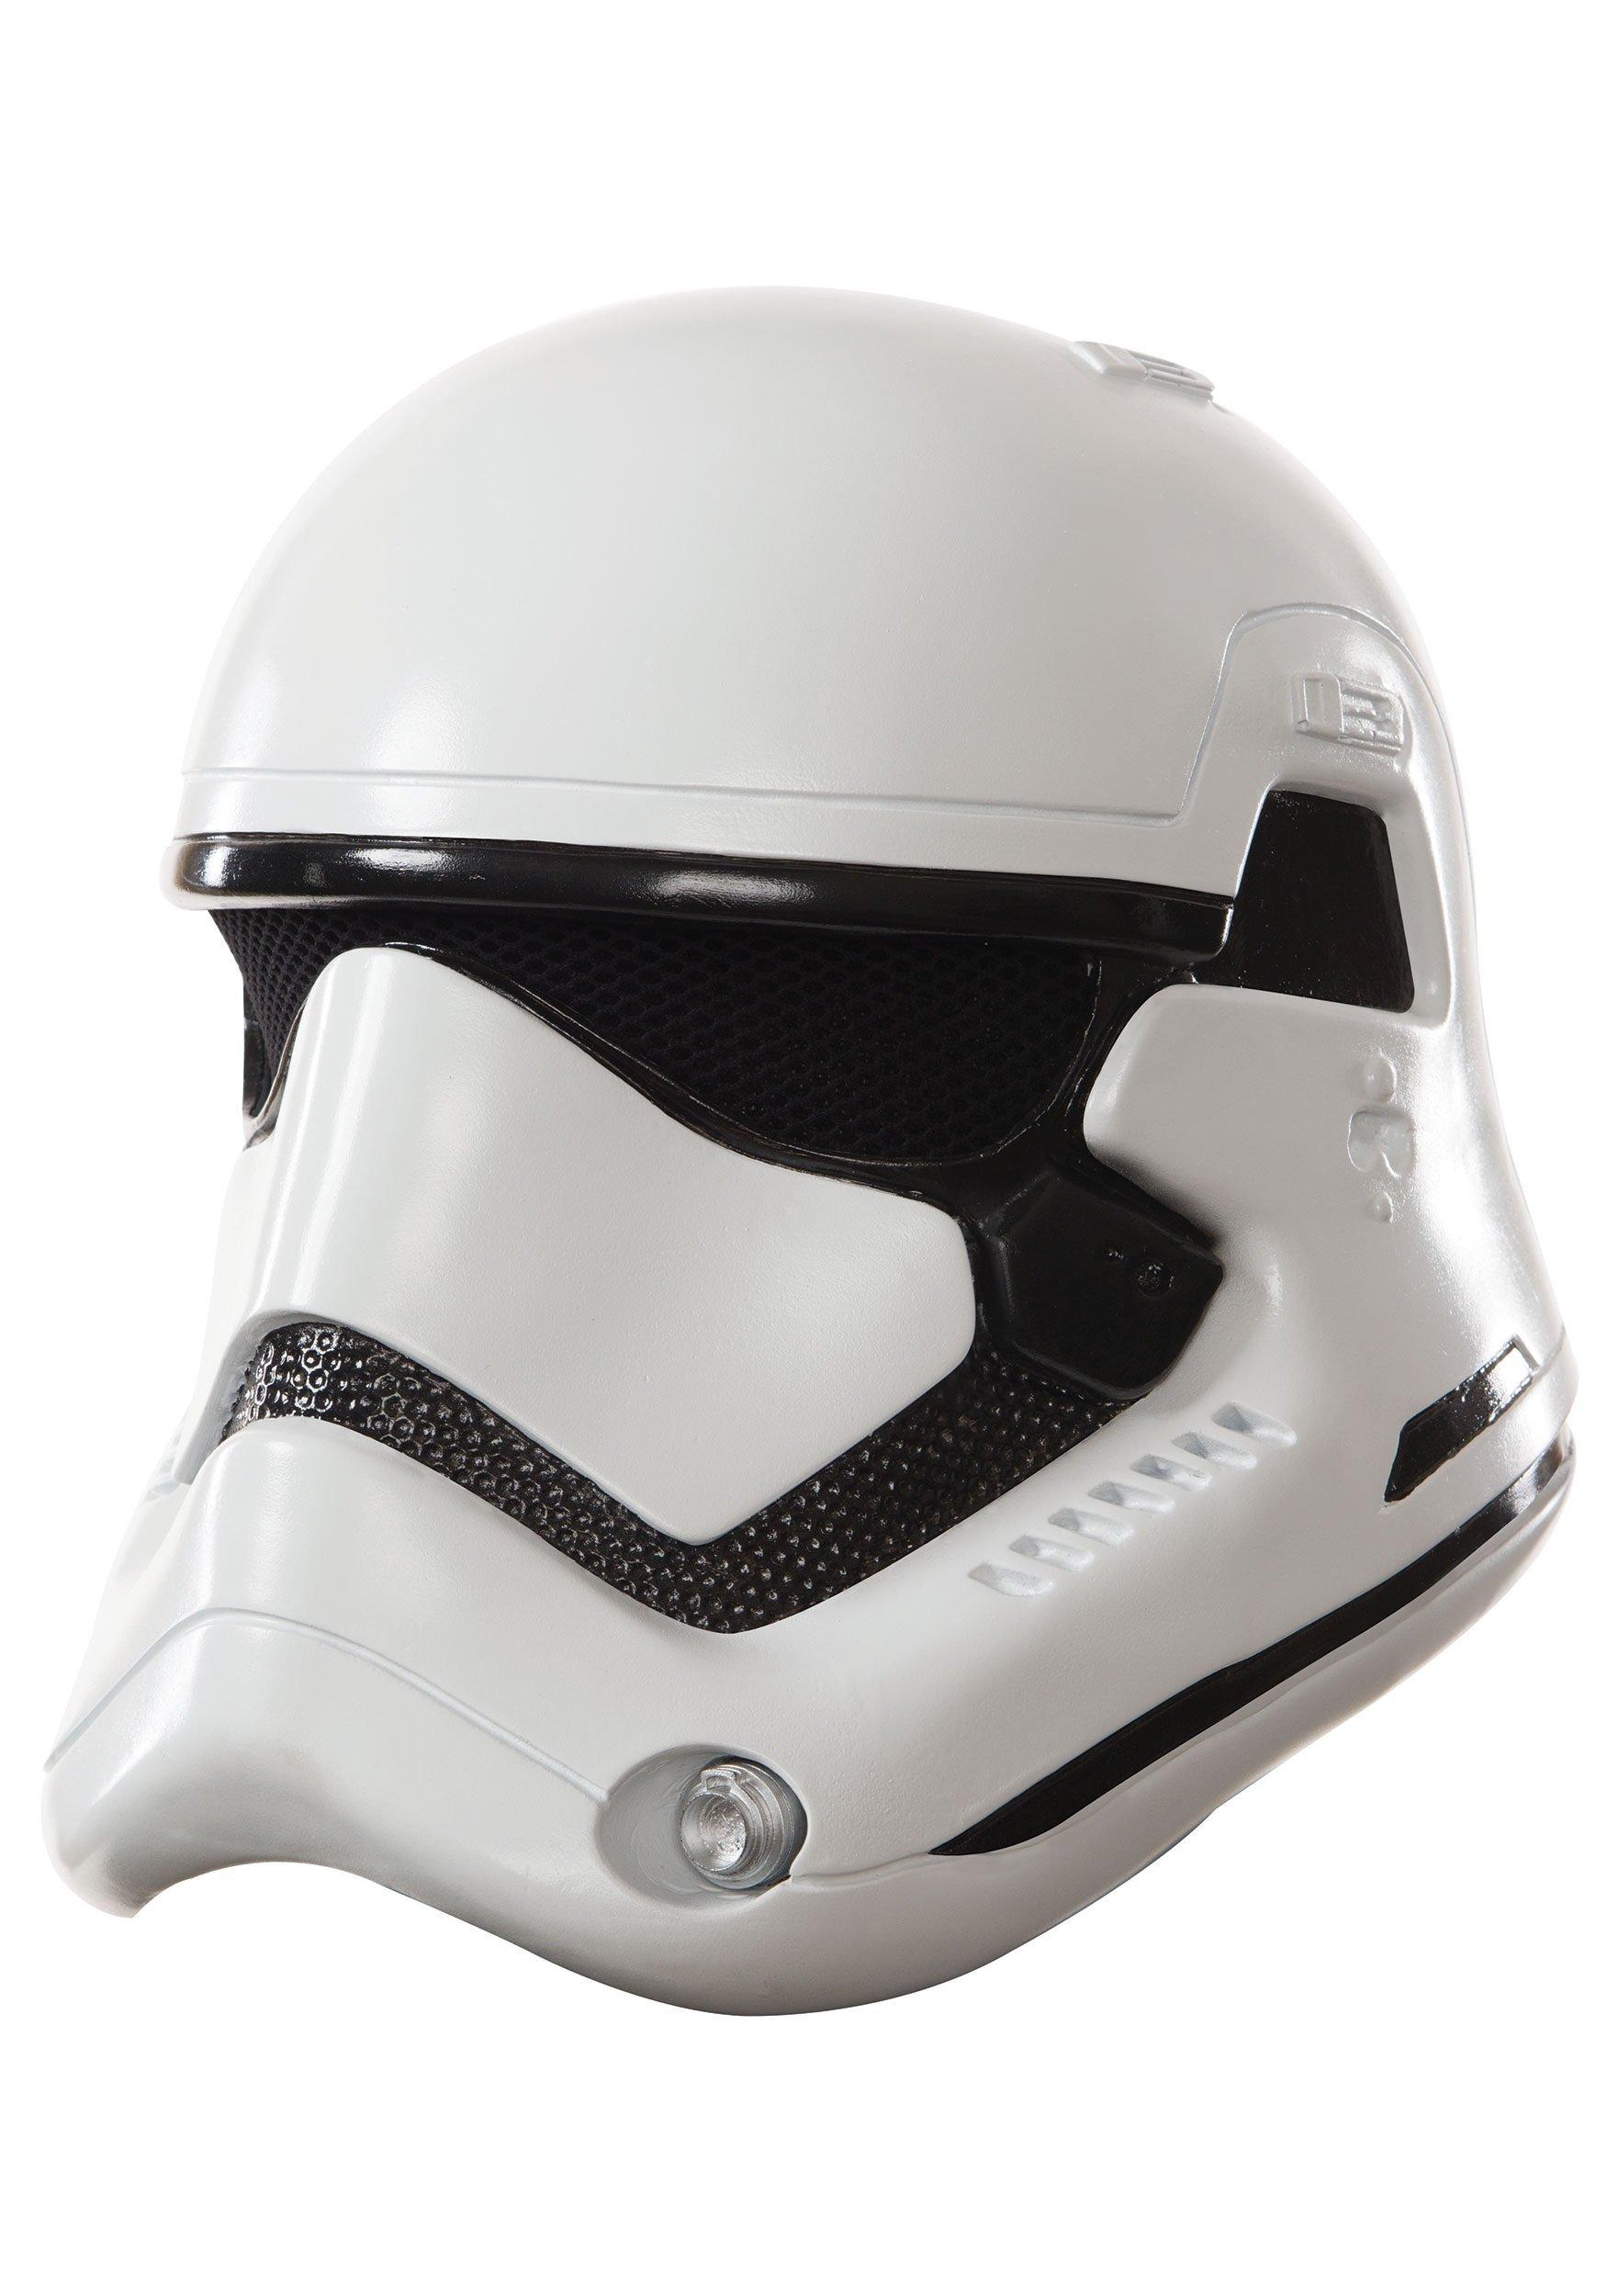 Star Wars The Force Awakens Adult Stormtrooper 2-Piece Helmet